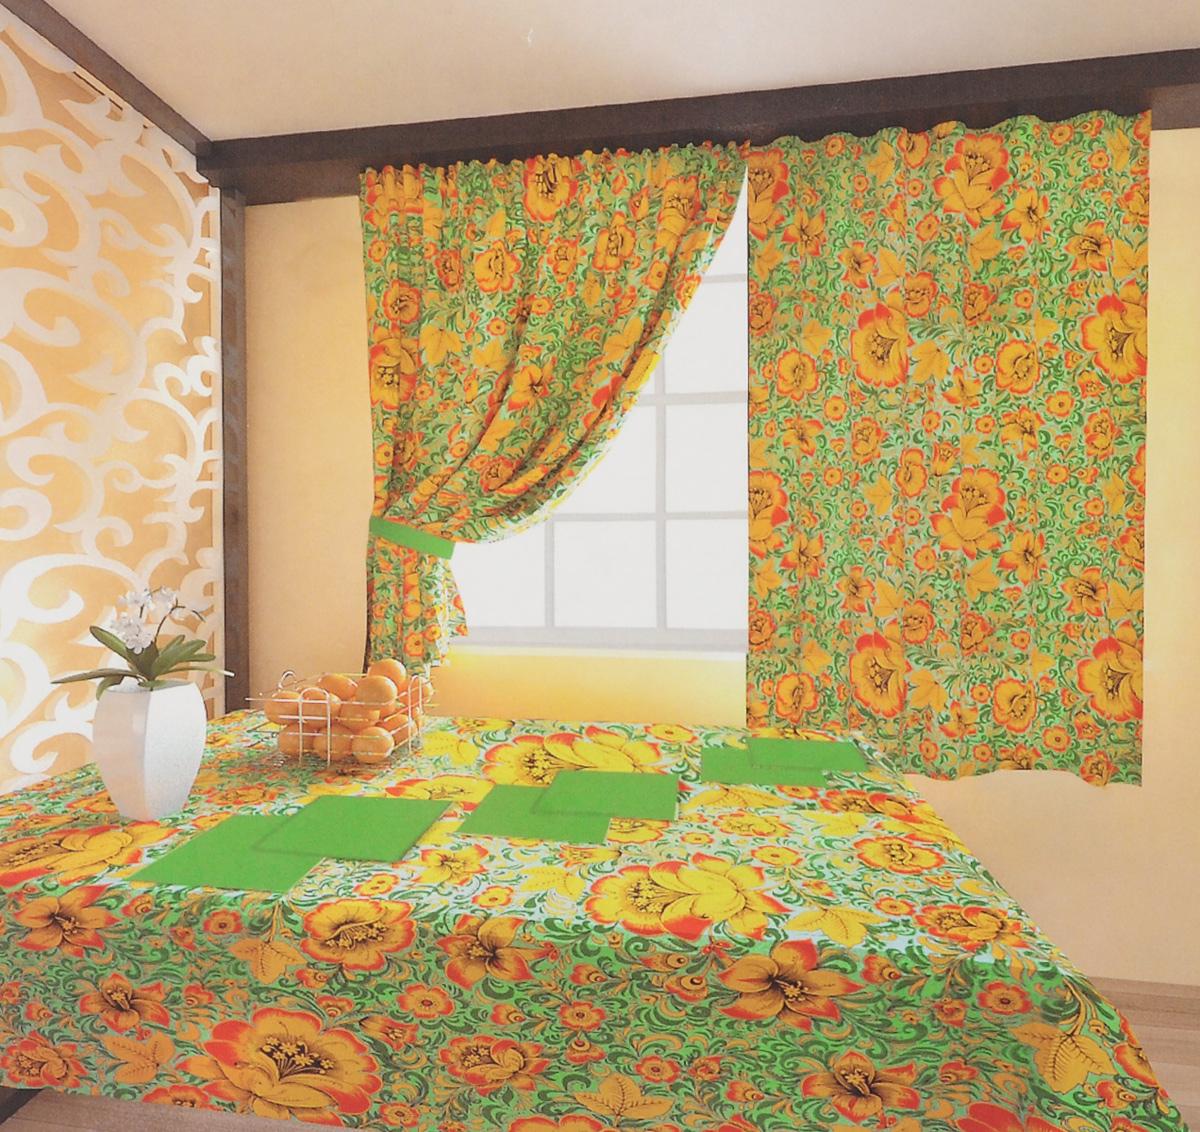 Комплект штор Zlata Korunka Хохлома, на ленте, цвет: зеленый, желтый, черный, высота 150 см. 5561055610Роскошный комплект штор Zlata Korunka Хохлома великолепно украсит любое окно. Комплект состоит из двух портьер, двух подхватов, скатерти и 6 салфеток. Изделия выполнены из 100% хлопка и декорированы изображением крупных цветов. Оригинальный цветочный принт привлечет к себе внимание и позволит шторам органично вписаться в интерьер помещения. Комплект крепится на карниз при помощи шторной ленты, которая поможет красиво и равномерно задрапировать верх. Портьеры можно красиво зафиксировать с помощью двух подхватов. Этот комплект будет долгое время радовать вас и вашу семью.Рекомендуется ручная стирка. В комплект входит: Портьера: 2 шт. Размер (ШхВ): 150 х 150 см. Скатерть: 1 шт. Размер (ШхВ): 140 х 180 см.Салфетки: 6 шт. 40 х 40 см.Подхват (с учетом петель): 2 шт. Размер: 65 х 9 см.